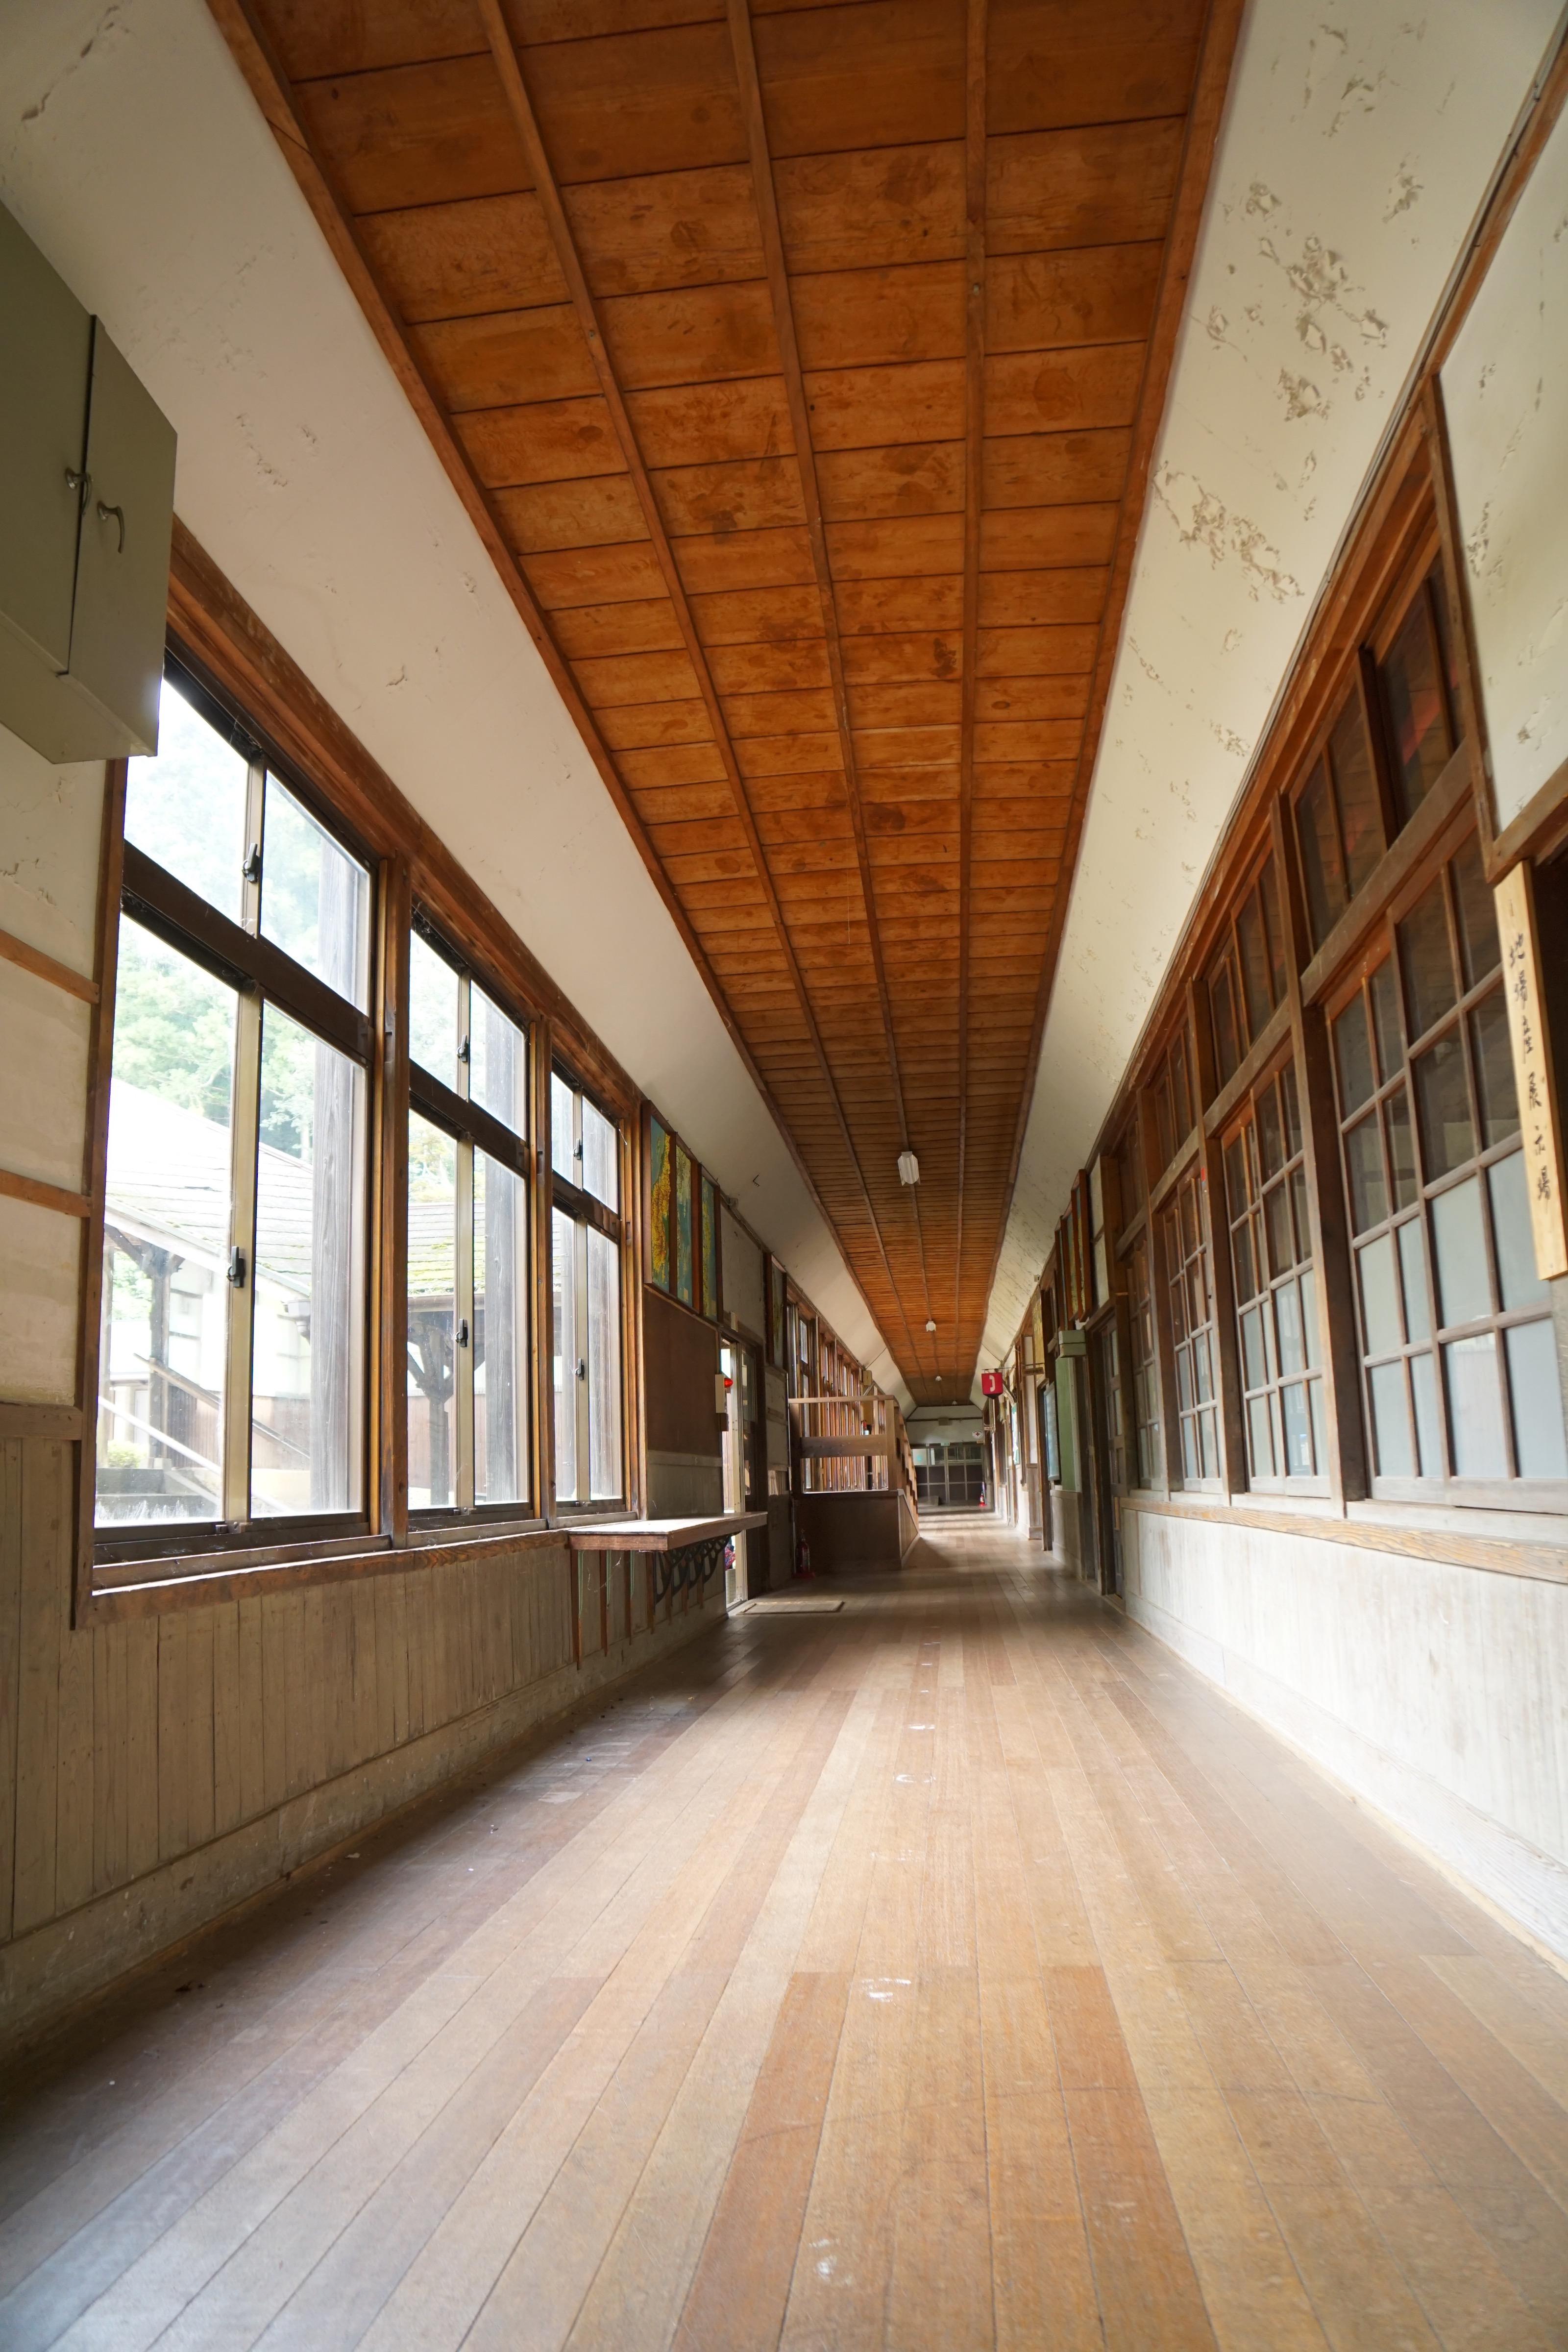 ワールドメープルセンター 旧宇陀小学校を保存してカフェやギャラリーに利用しています。